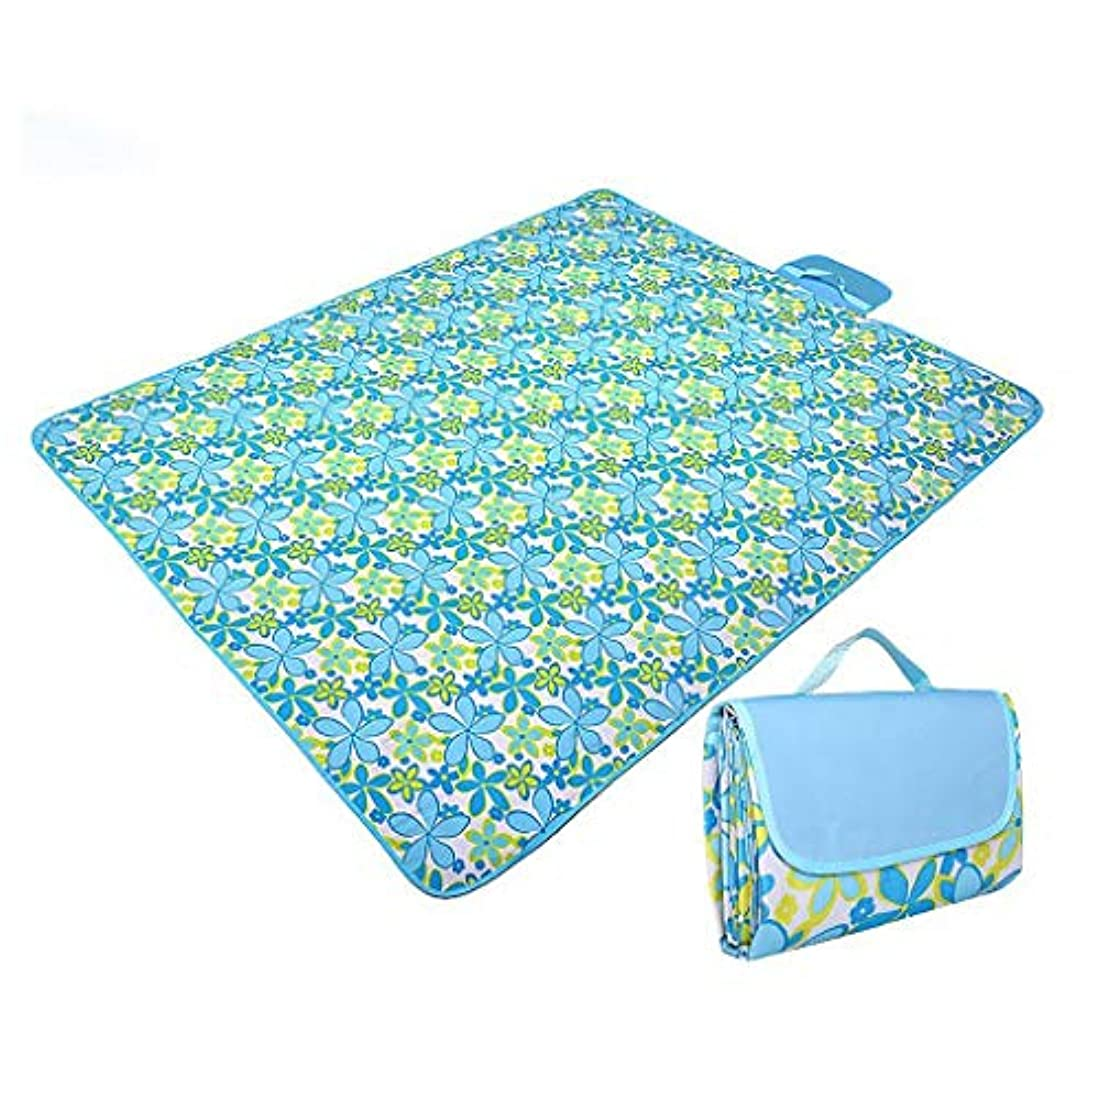 冷ややかな章スリンクピクニック毛布、ビーチマット、携帯用屋外カーペットマット、キャンプ用200 x 200 cmサンドサンド屋外 (色 : B)